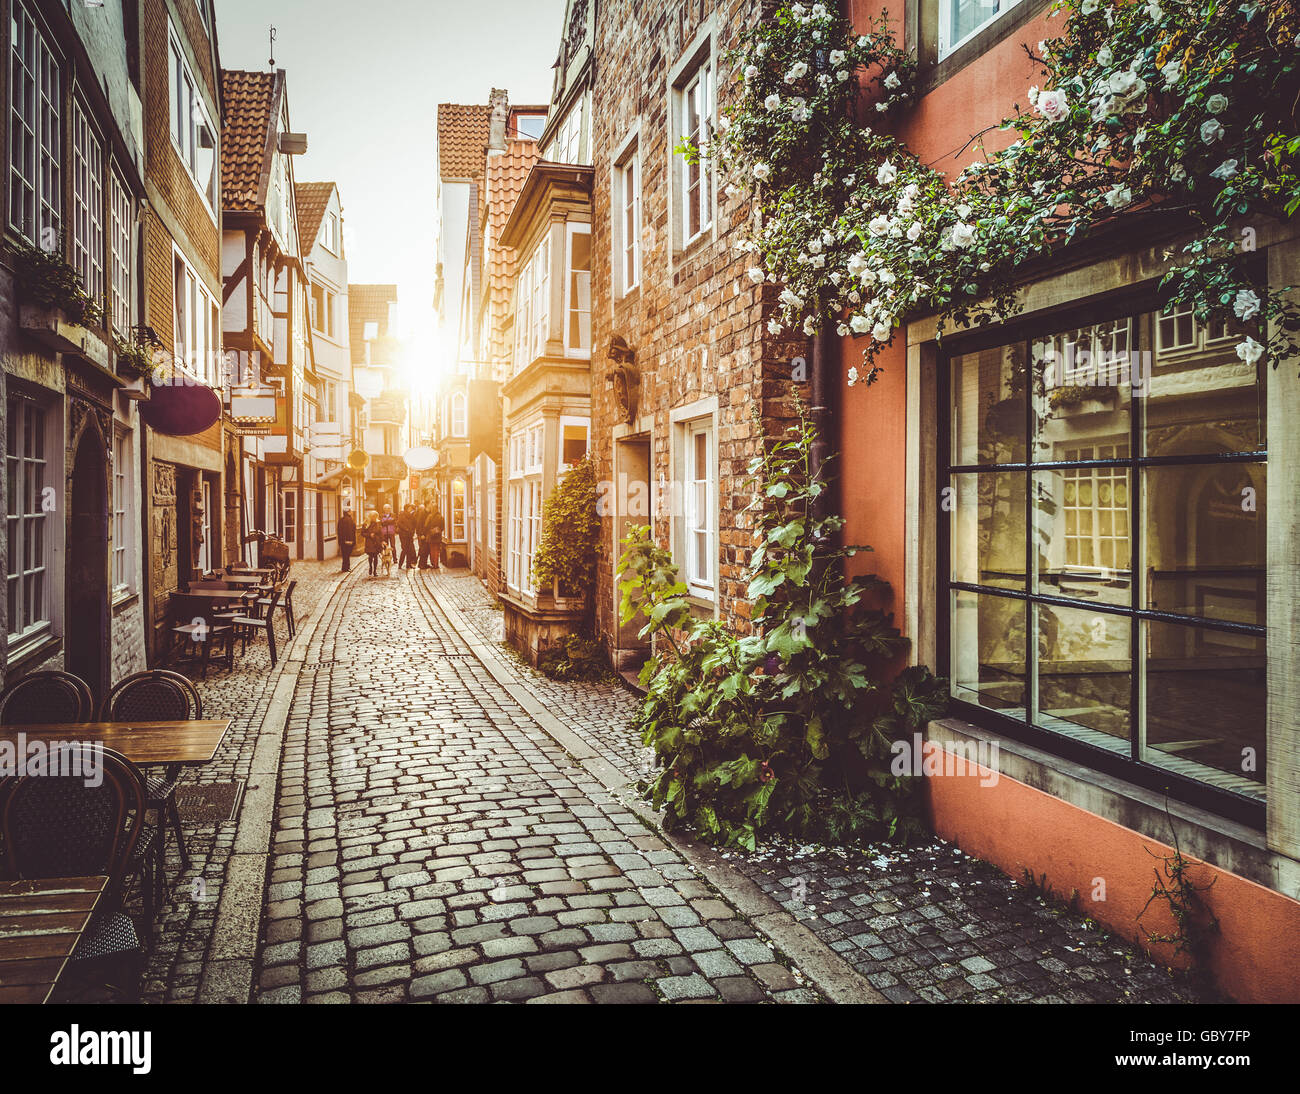 Encantadora ciudad antigua en Europa en la hermosa luz del atardecer dorado al atardecer en verano con estilo retro Foto de stock